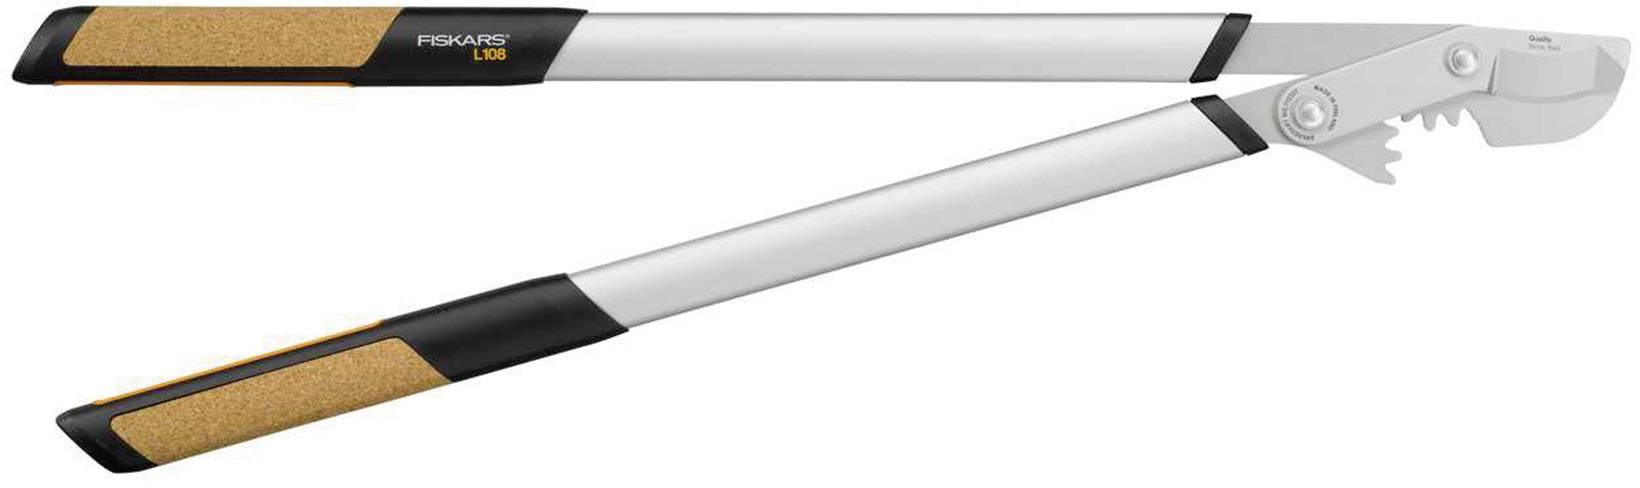 Záhradné pákové nožnice Fiskars Quantum, 80 cm, 112630